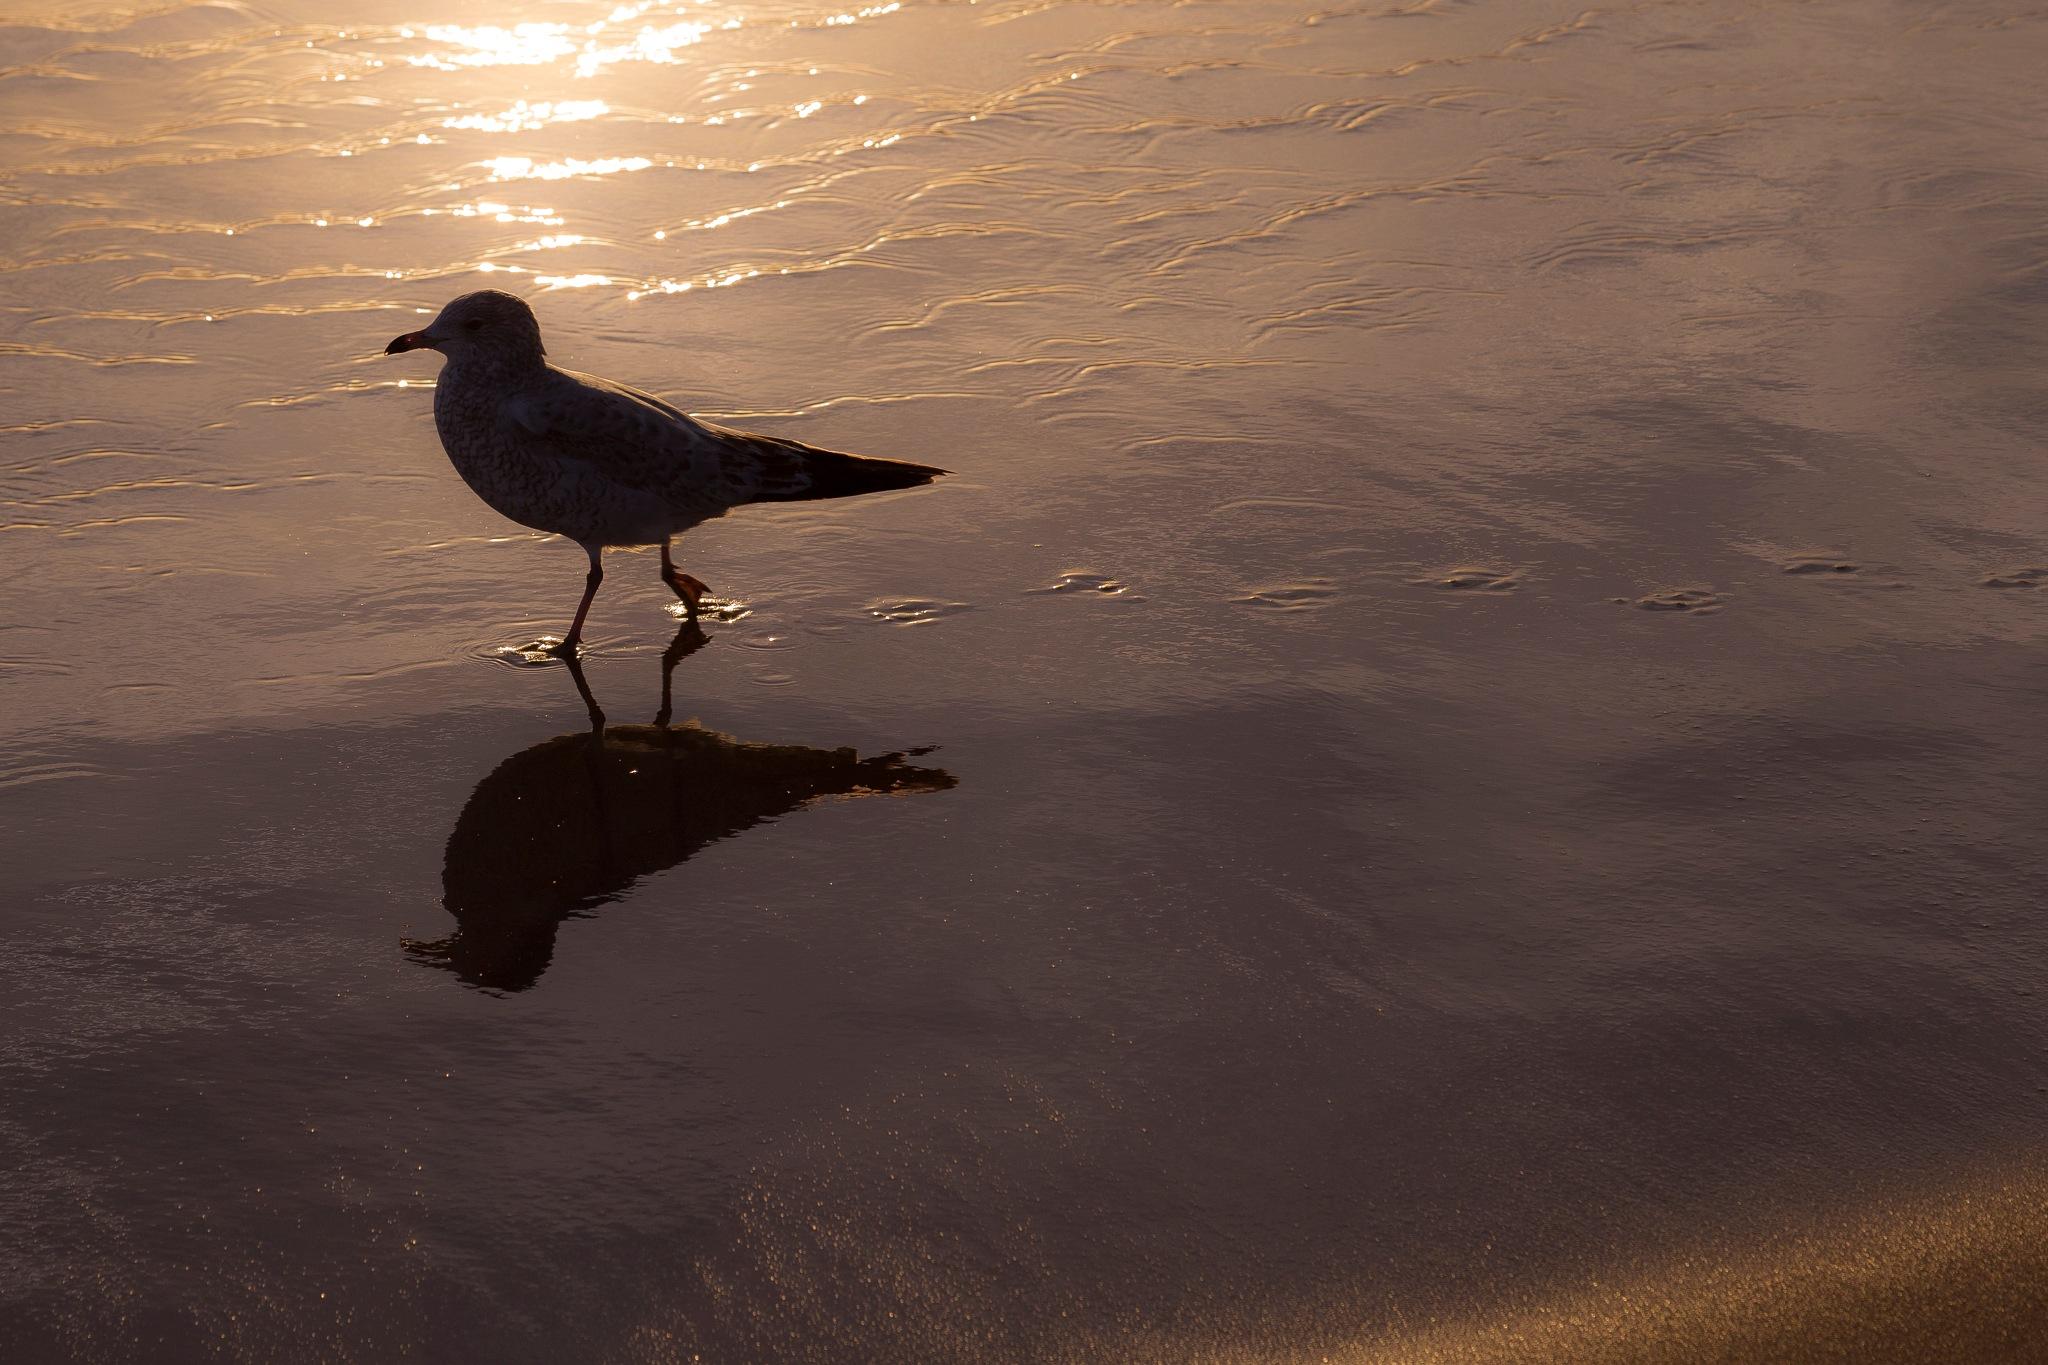 A Walk on the Beach by Steve Fraser